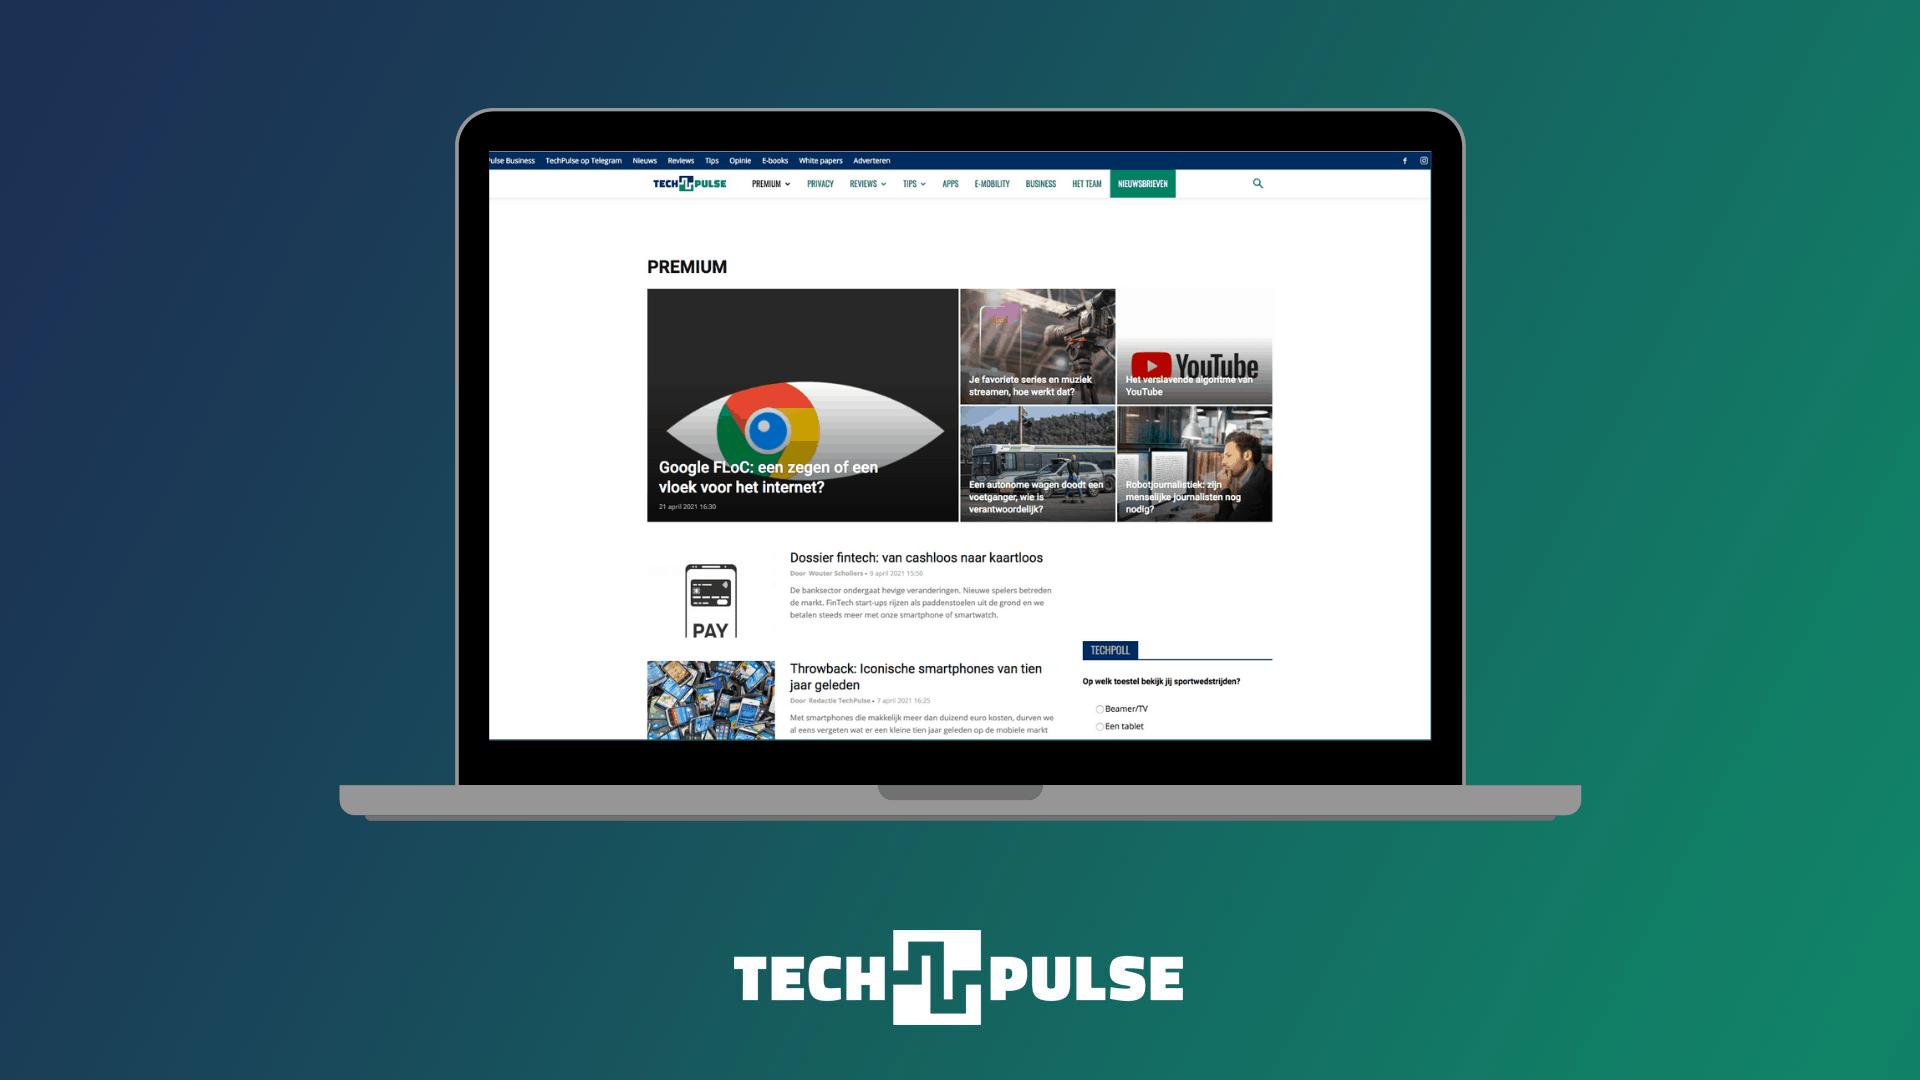 TechPulse Premium